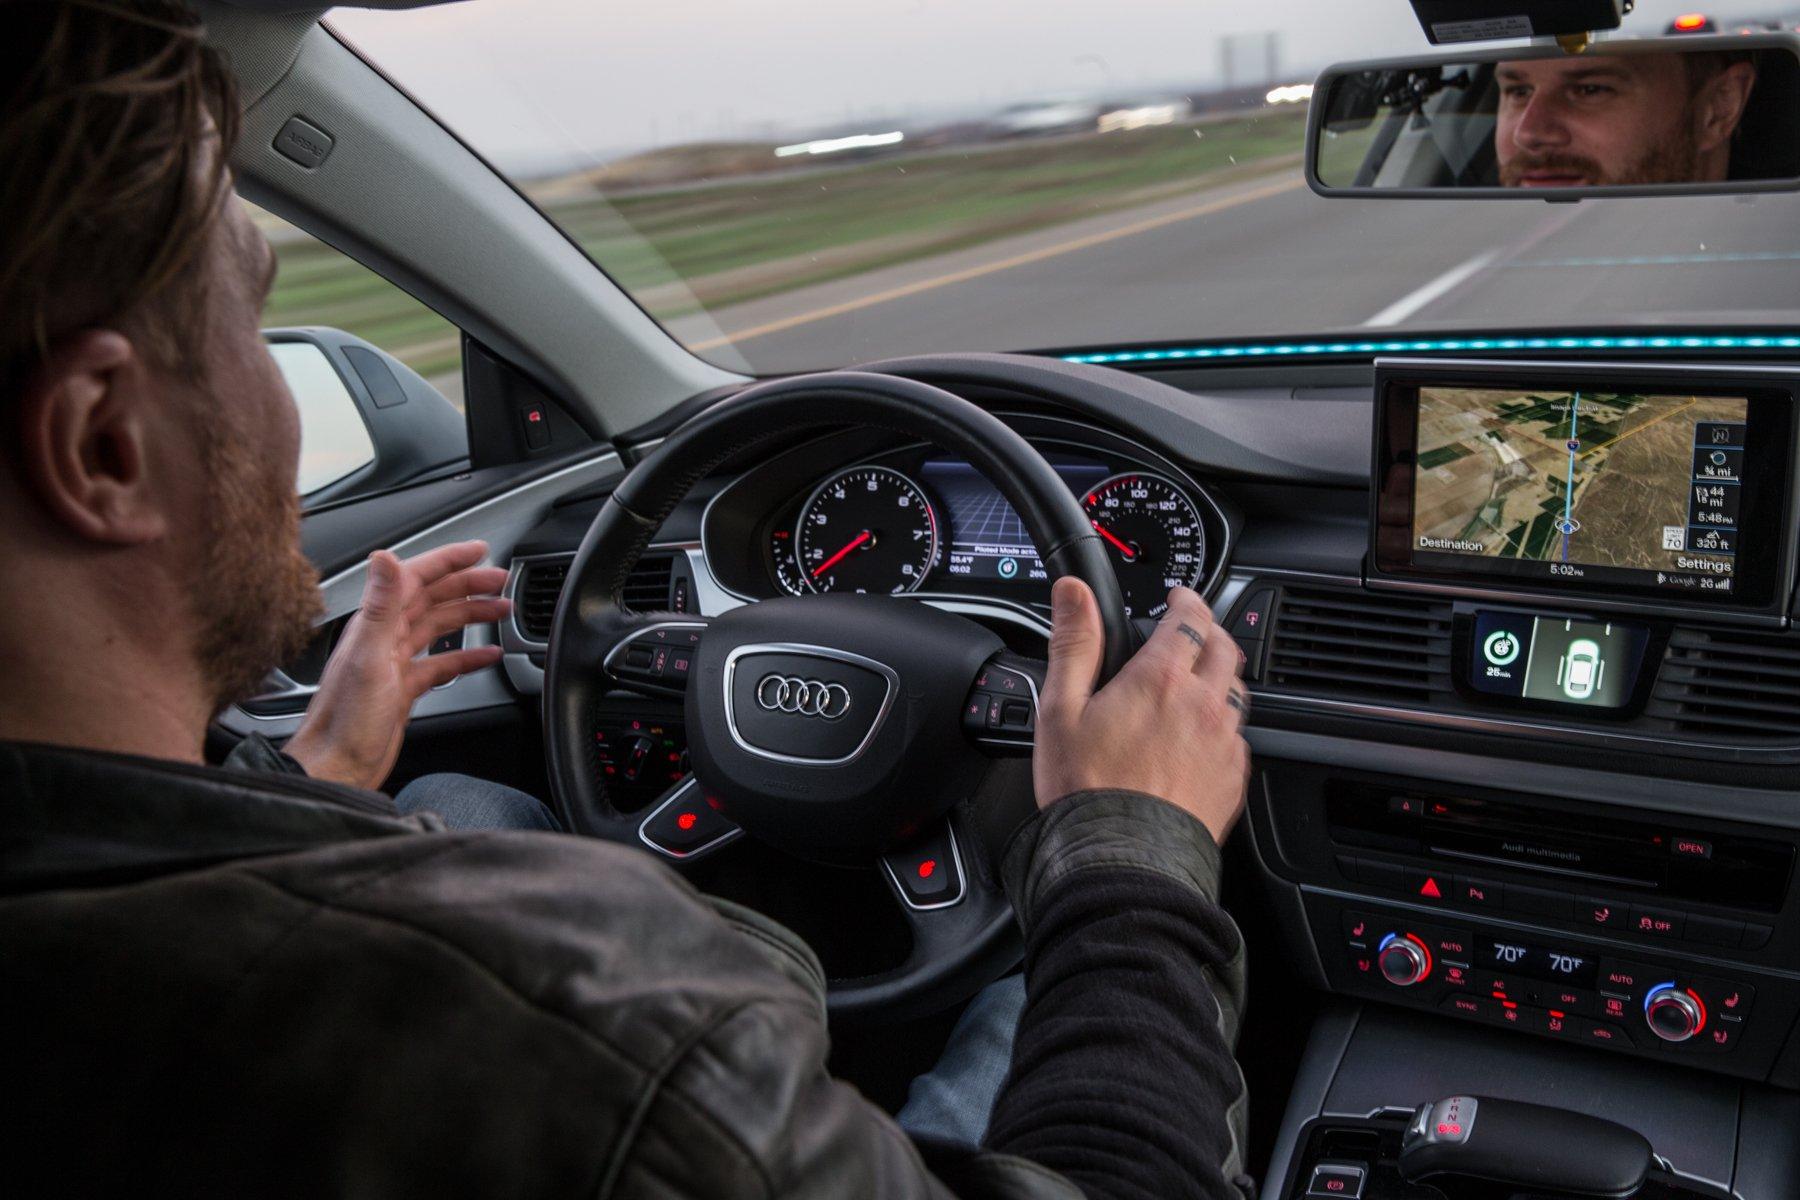 Pilotierte Fahrt Anfang 2015 im Audi A7 vom Silicon Valley über 550 Meilen zur Elektronikmesse CES in Las Vegas: Die rasant wachsende Menge von Fahrzeugdaten wirft eine Vielzahl von rechtlichen Fragen auf. Vor allem sind diese Daten begehrt.